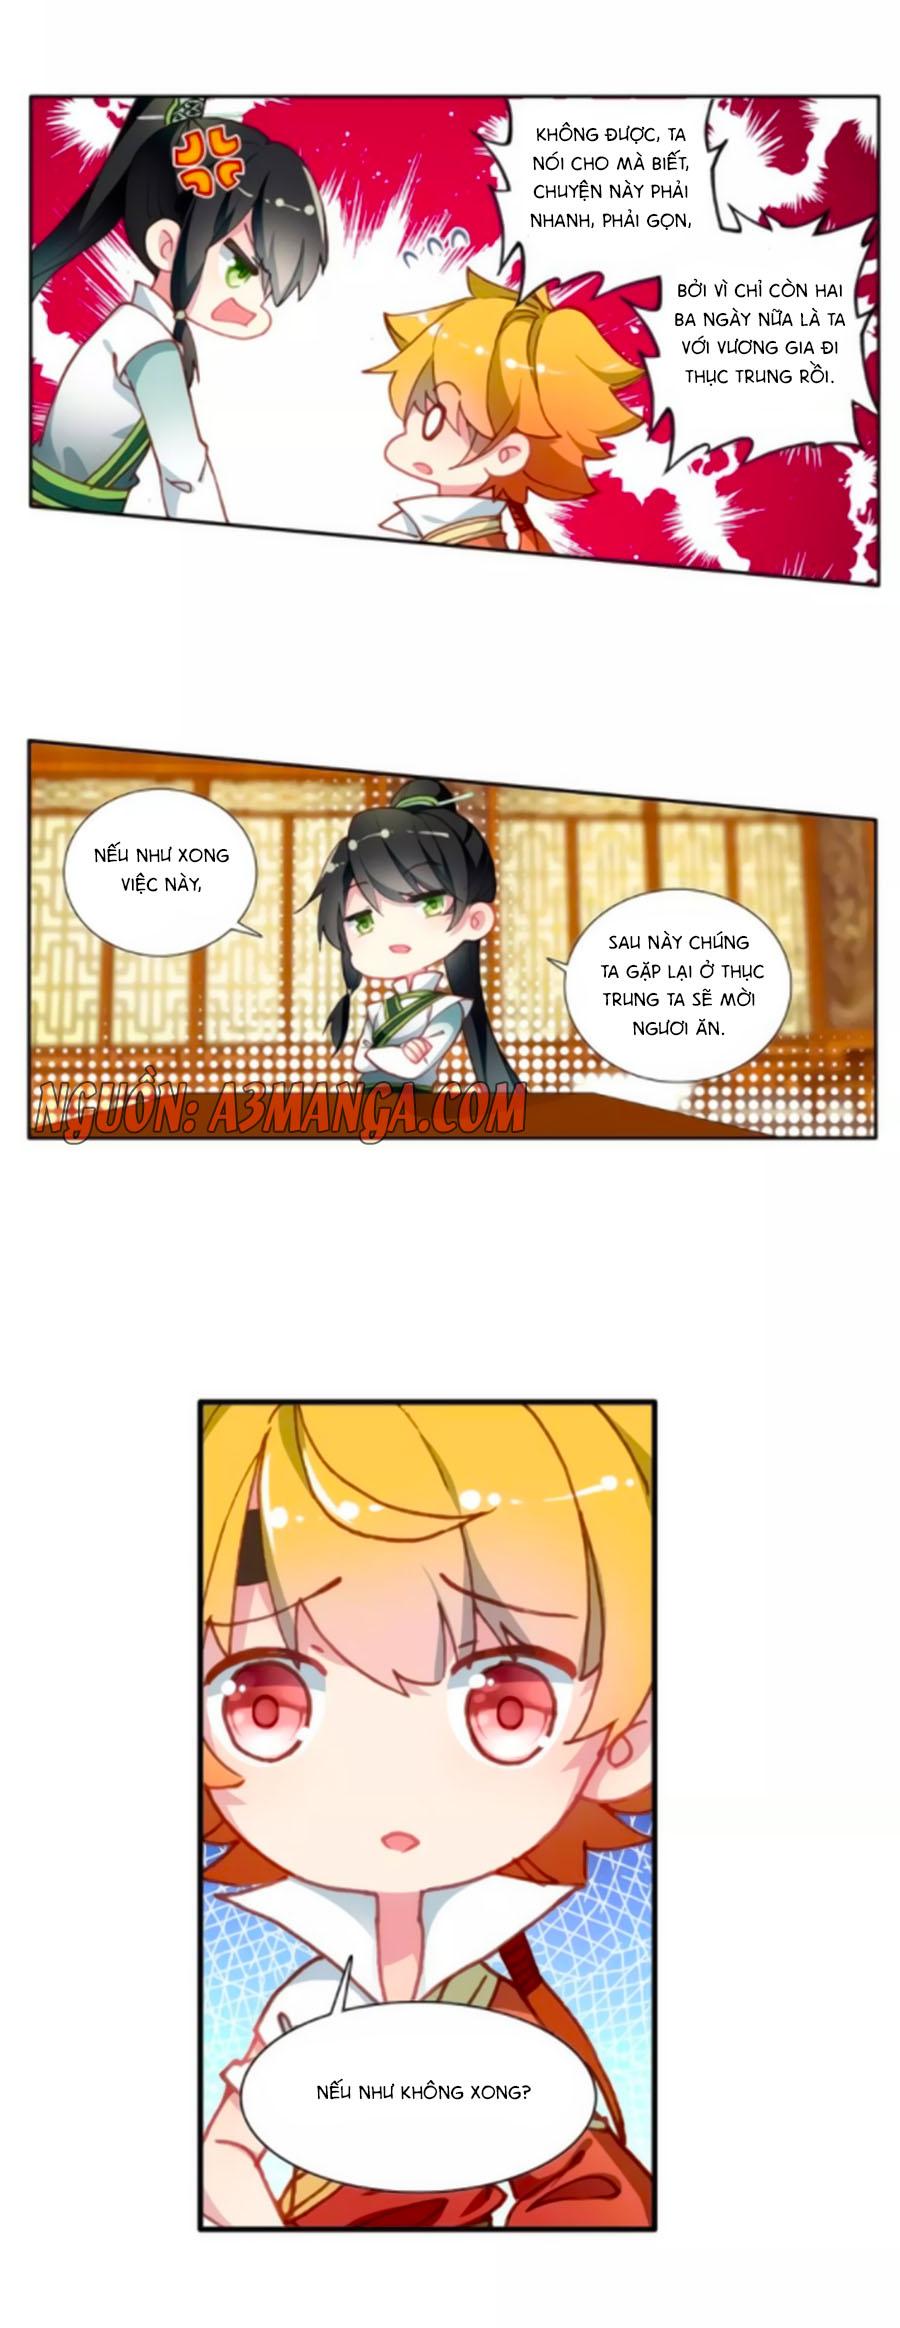 Trâm Trung Lục trang 5